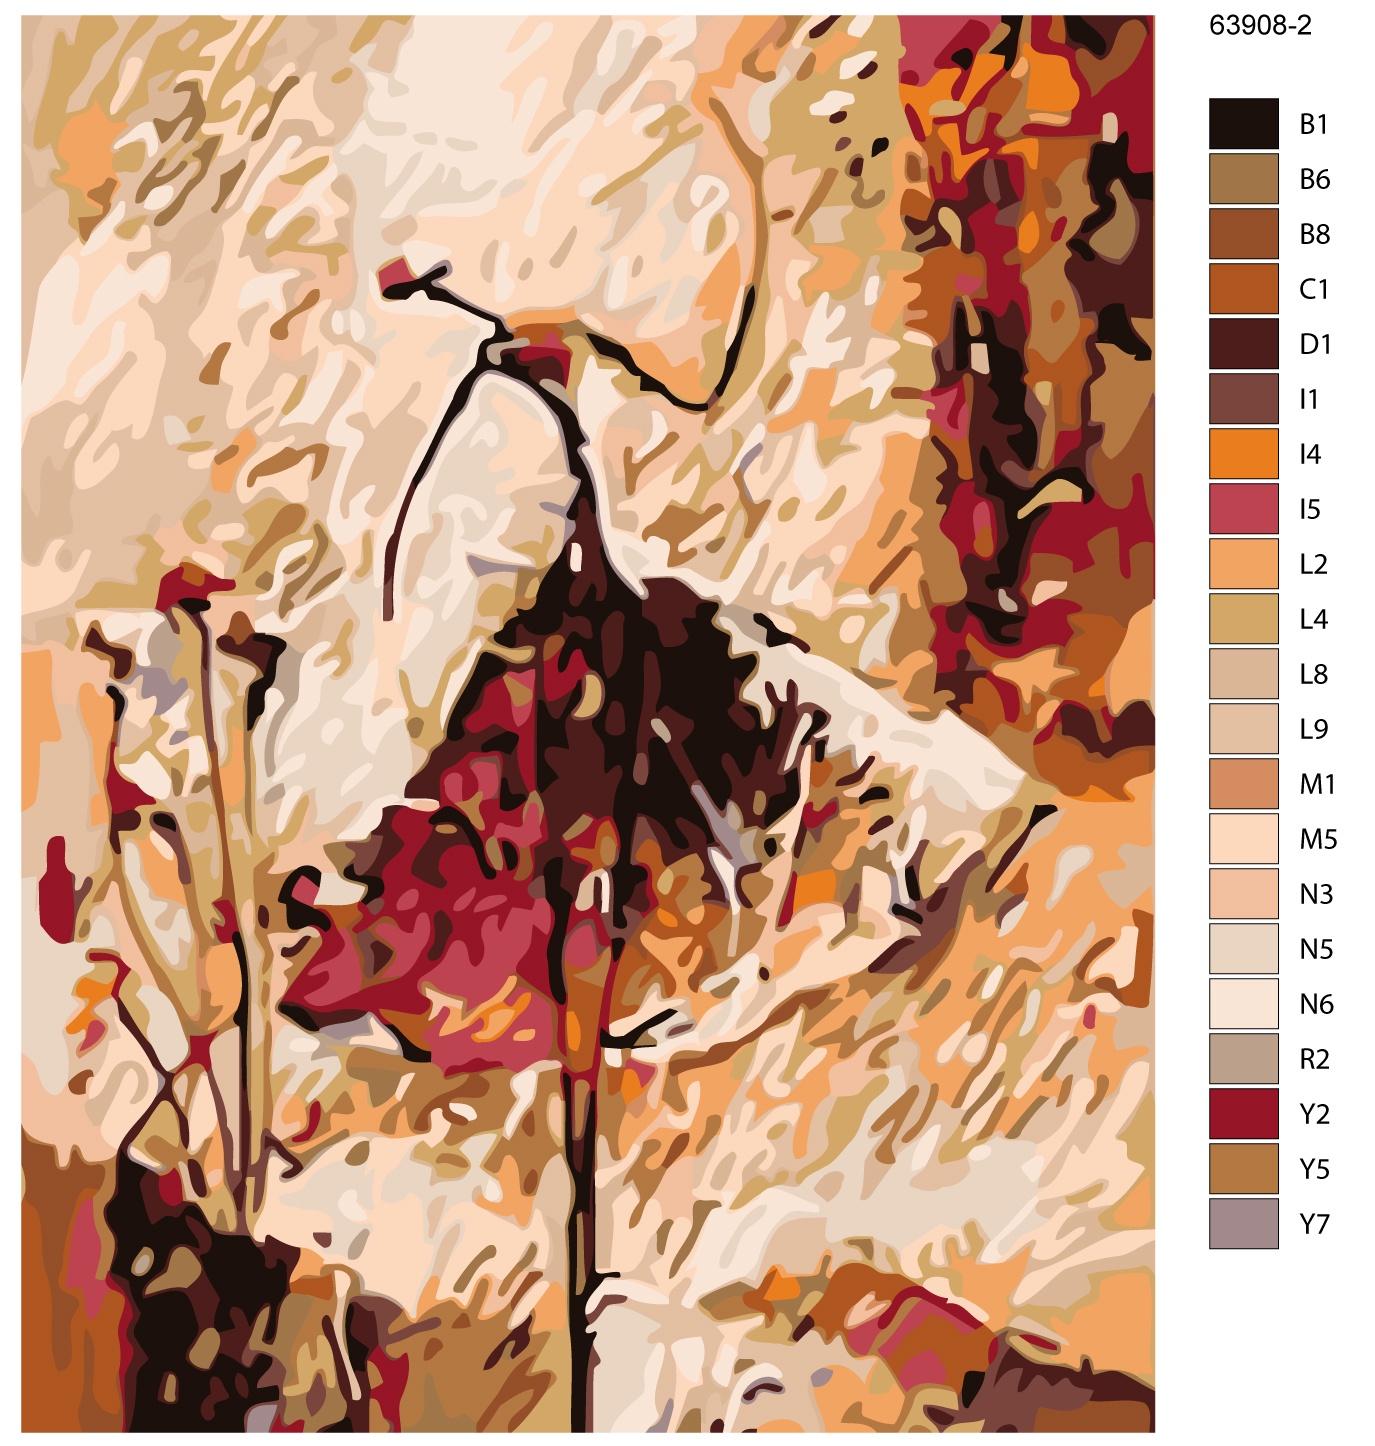 Картина по номерам, 80 x 100 см, KTMK-63908-2